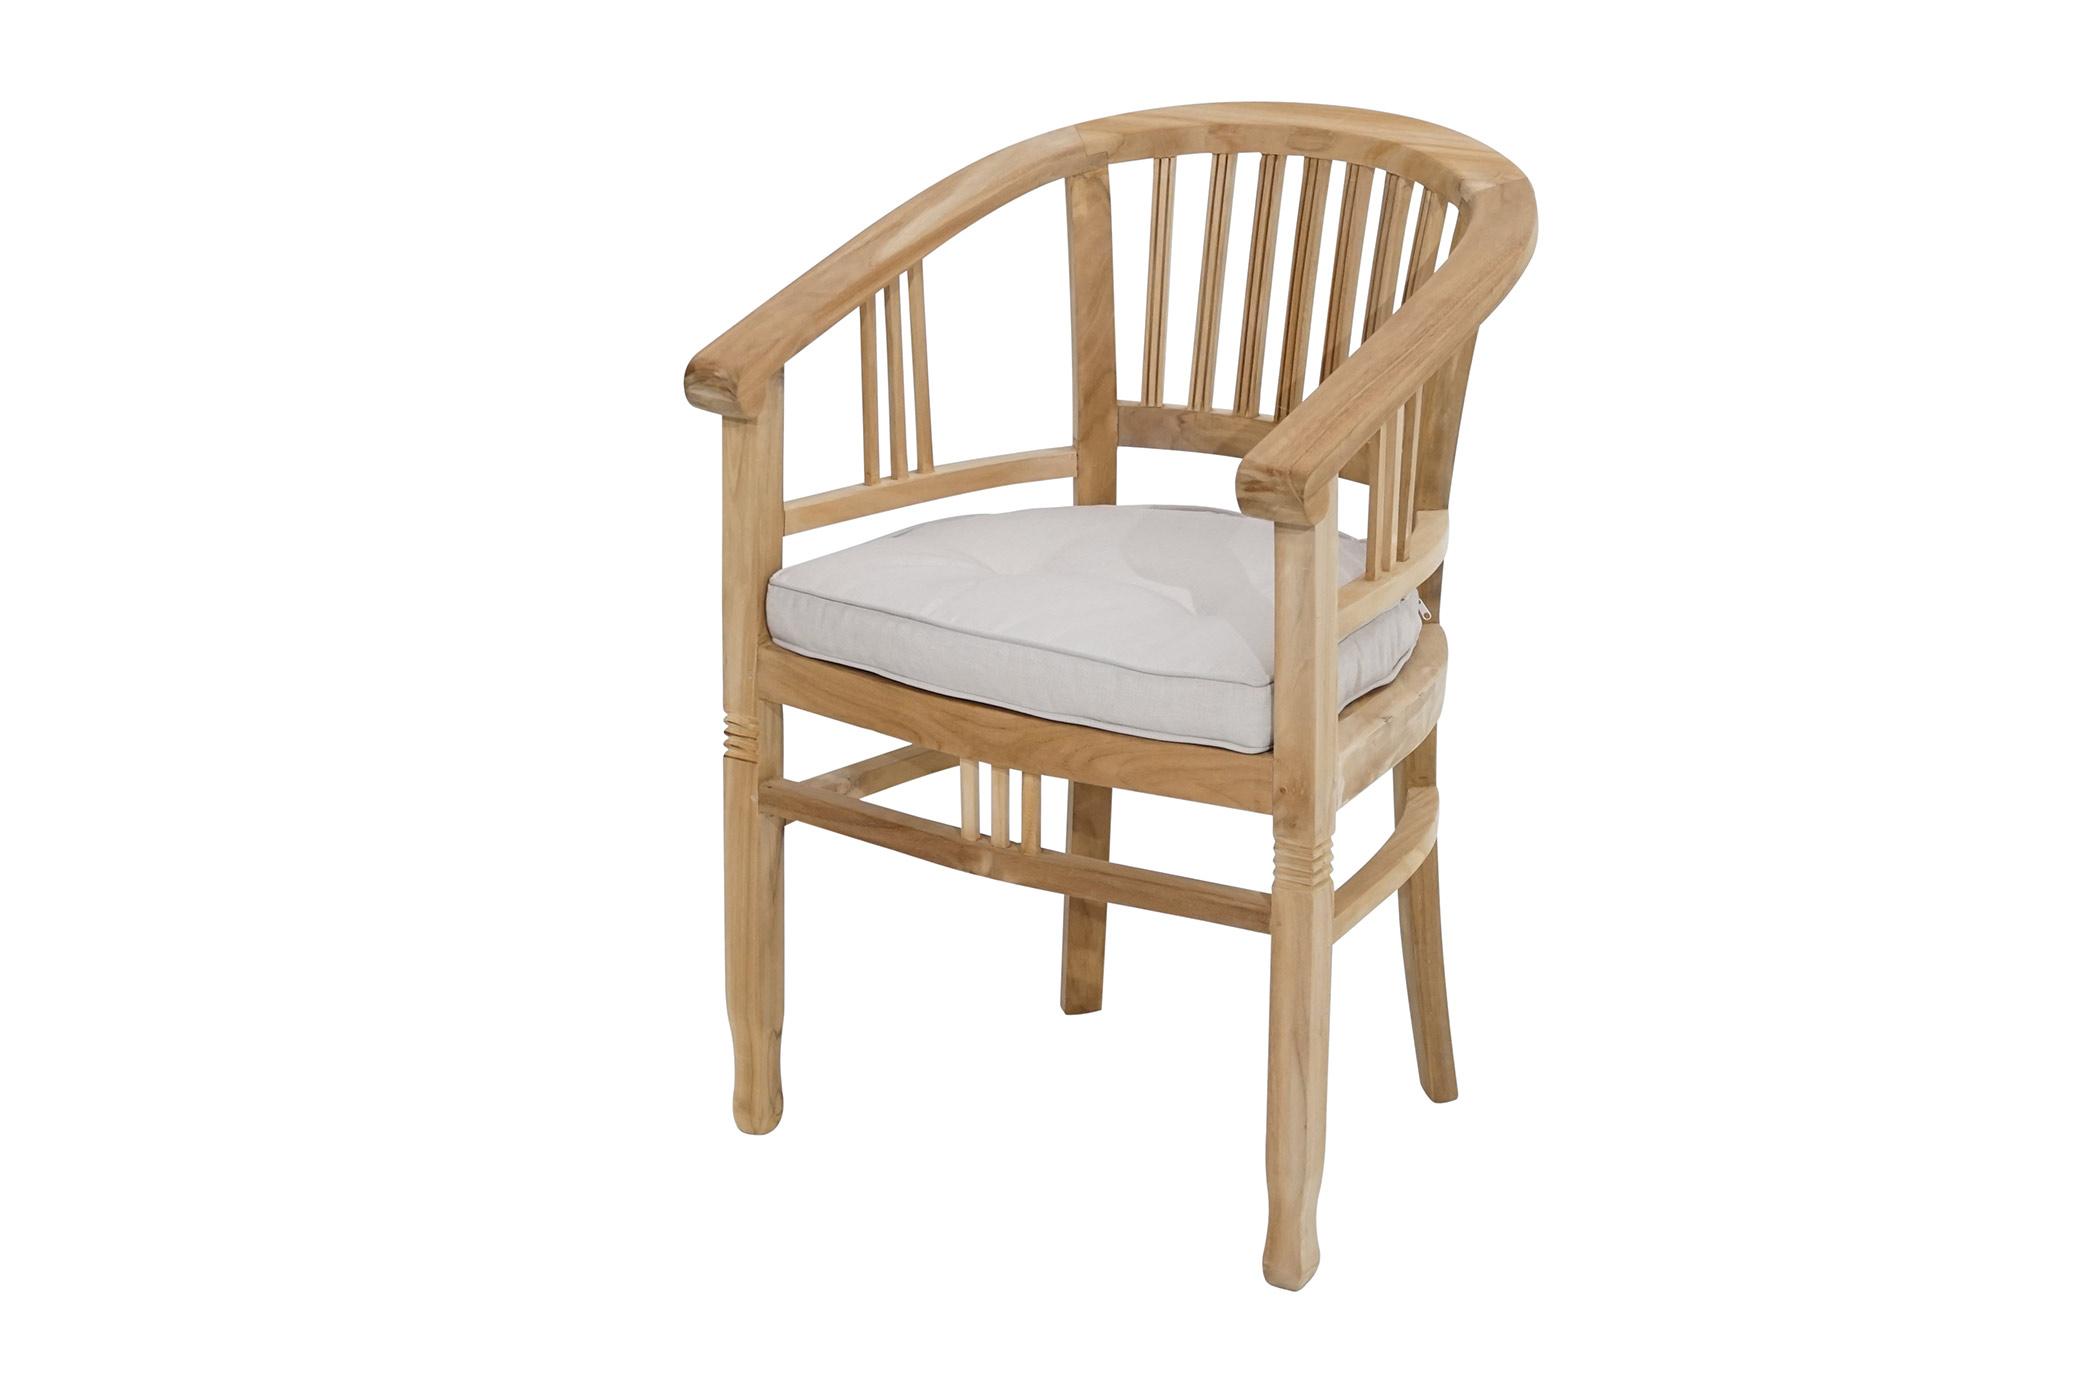 premiumpolster desert sitzkissen halbrund sitzkissen polster f r st hle plaids auflagen. Black Bedroom Furniture Sets. Home Design Ideas